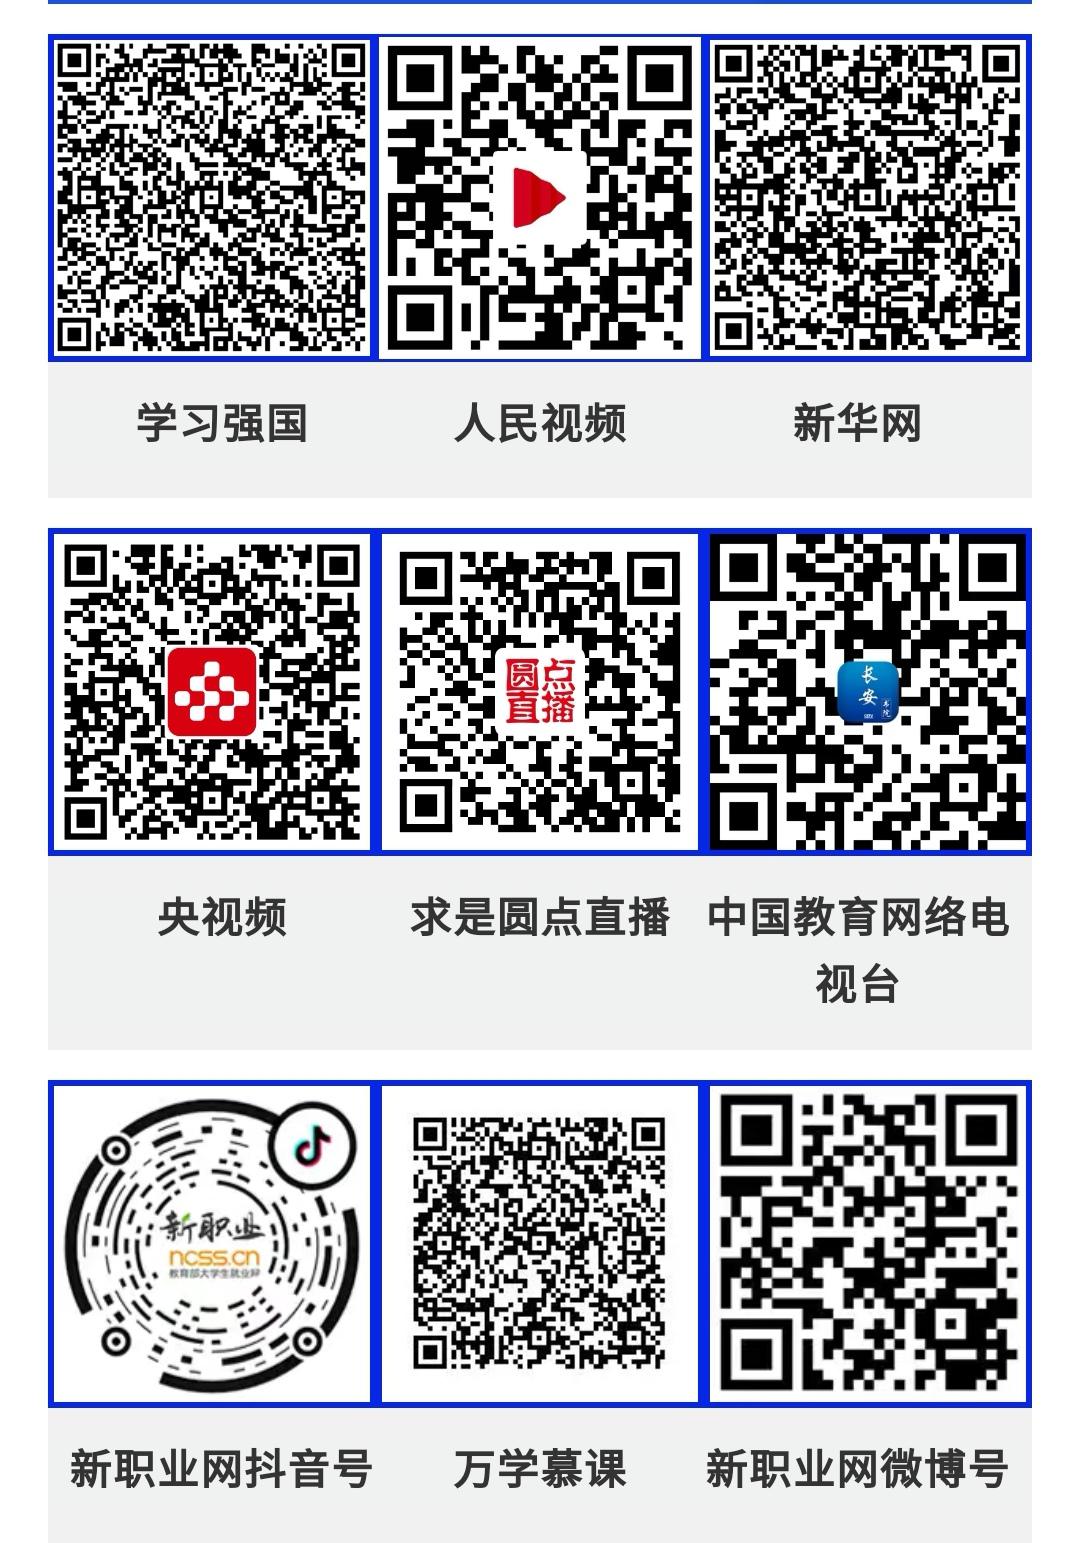 Screenshot_20210610_225142_com.tencent.mm_edit_38.jpg